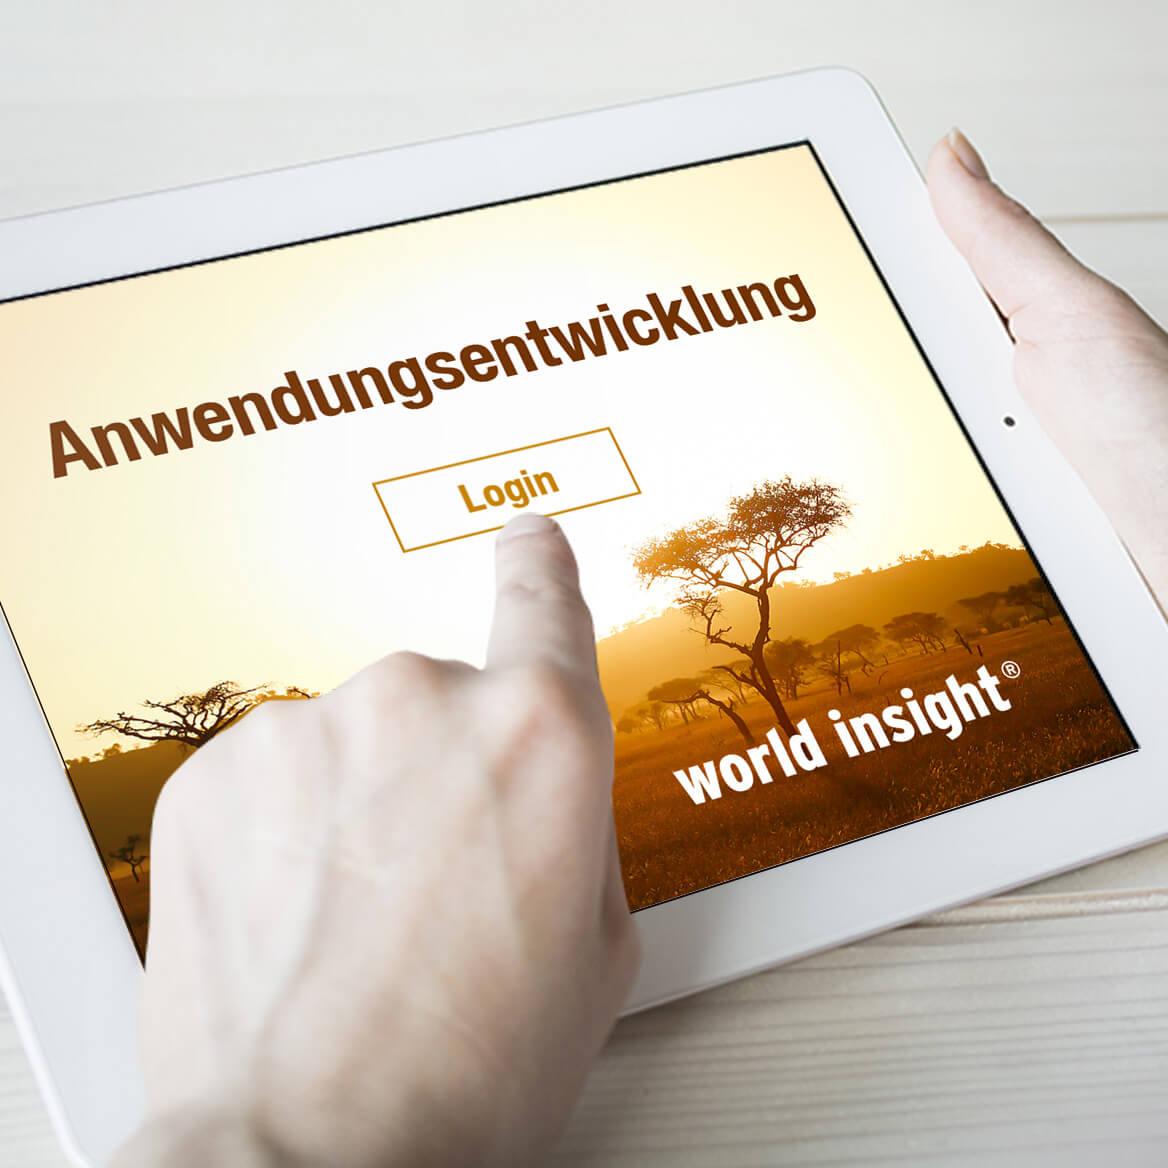 WORLD INSIGHT Erlebnisreisen - forty-four